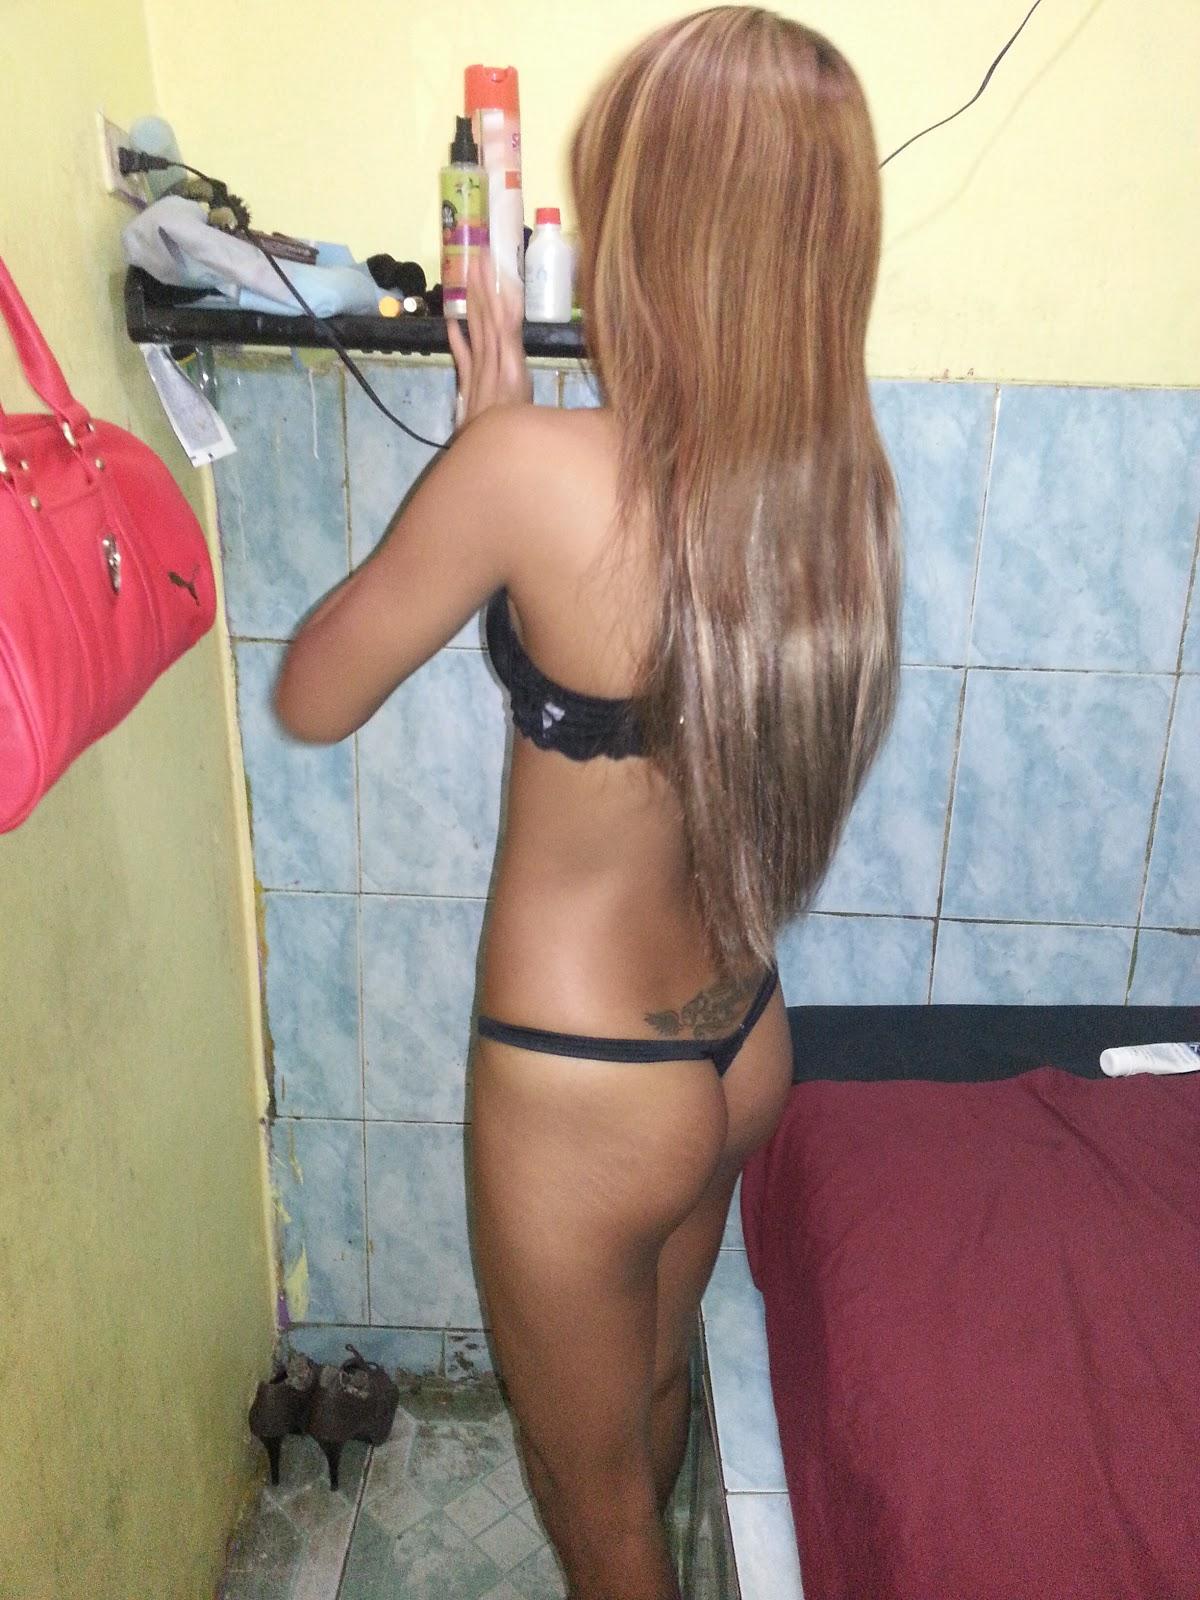 prostitutas sida prostitutas callegeras